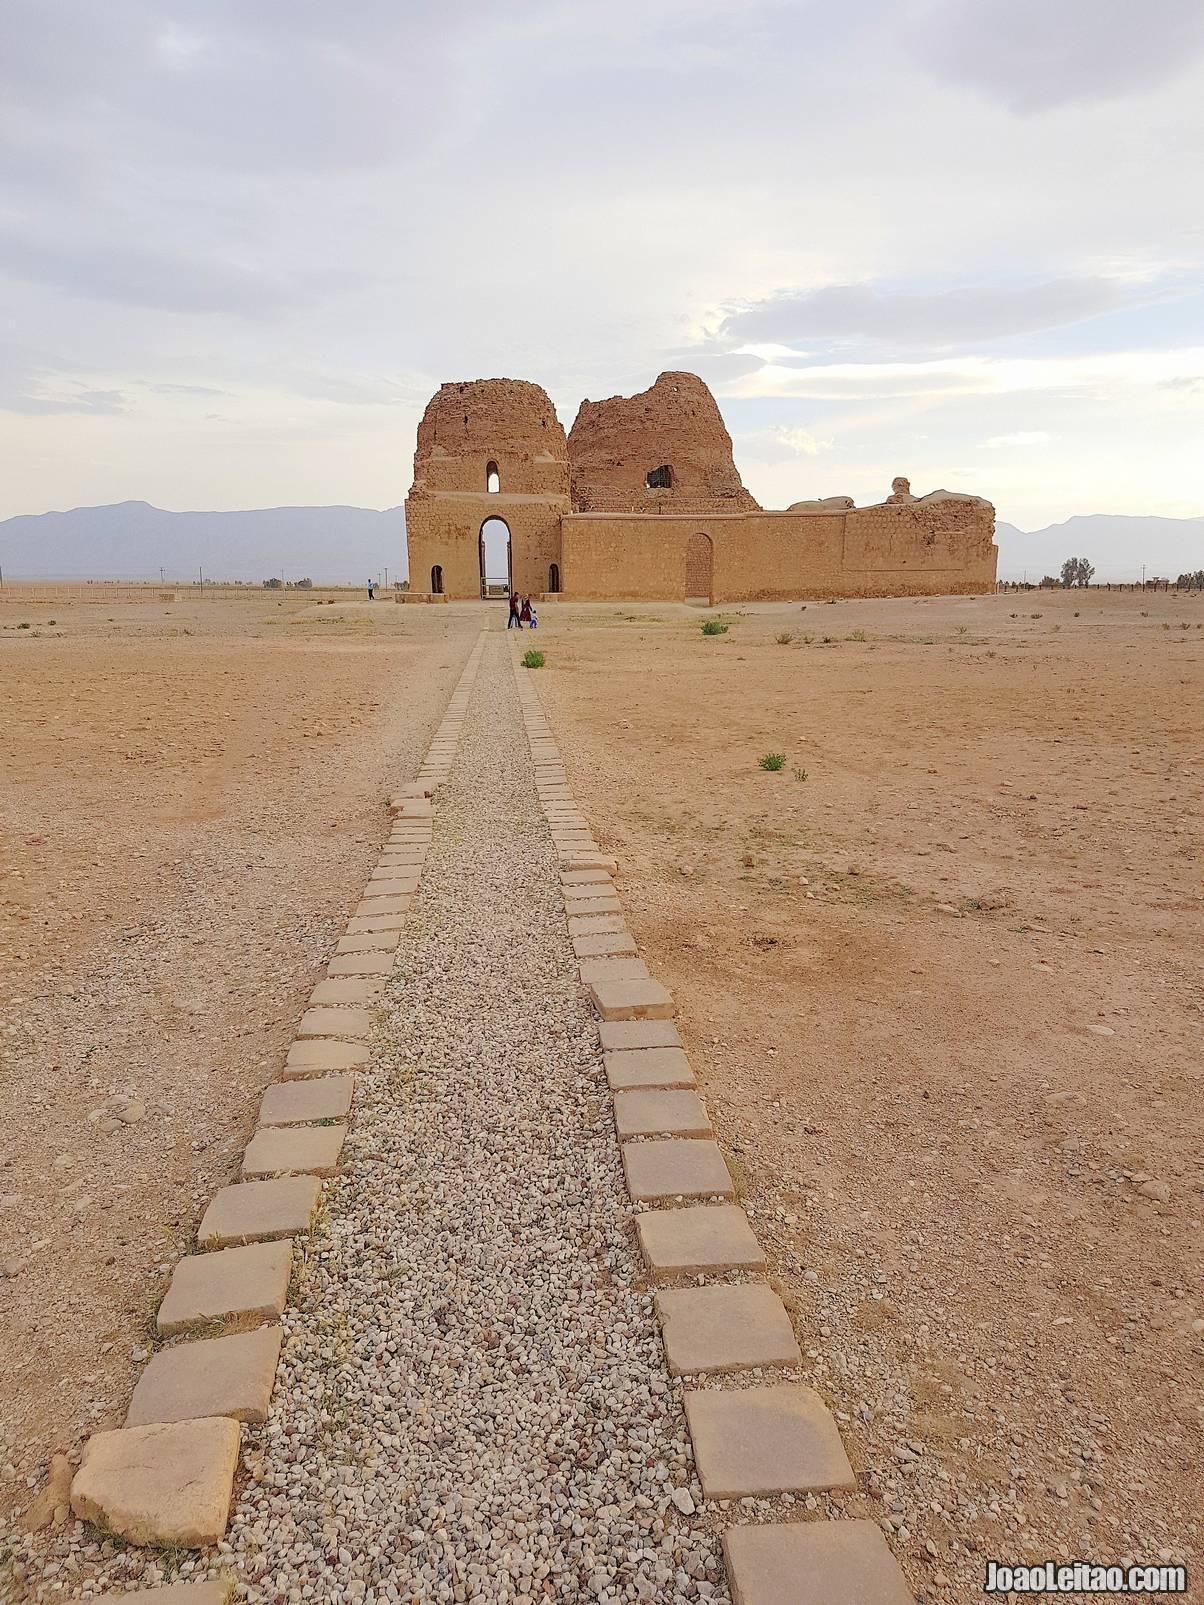 Visit Sarvestan Palace in Iran